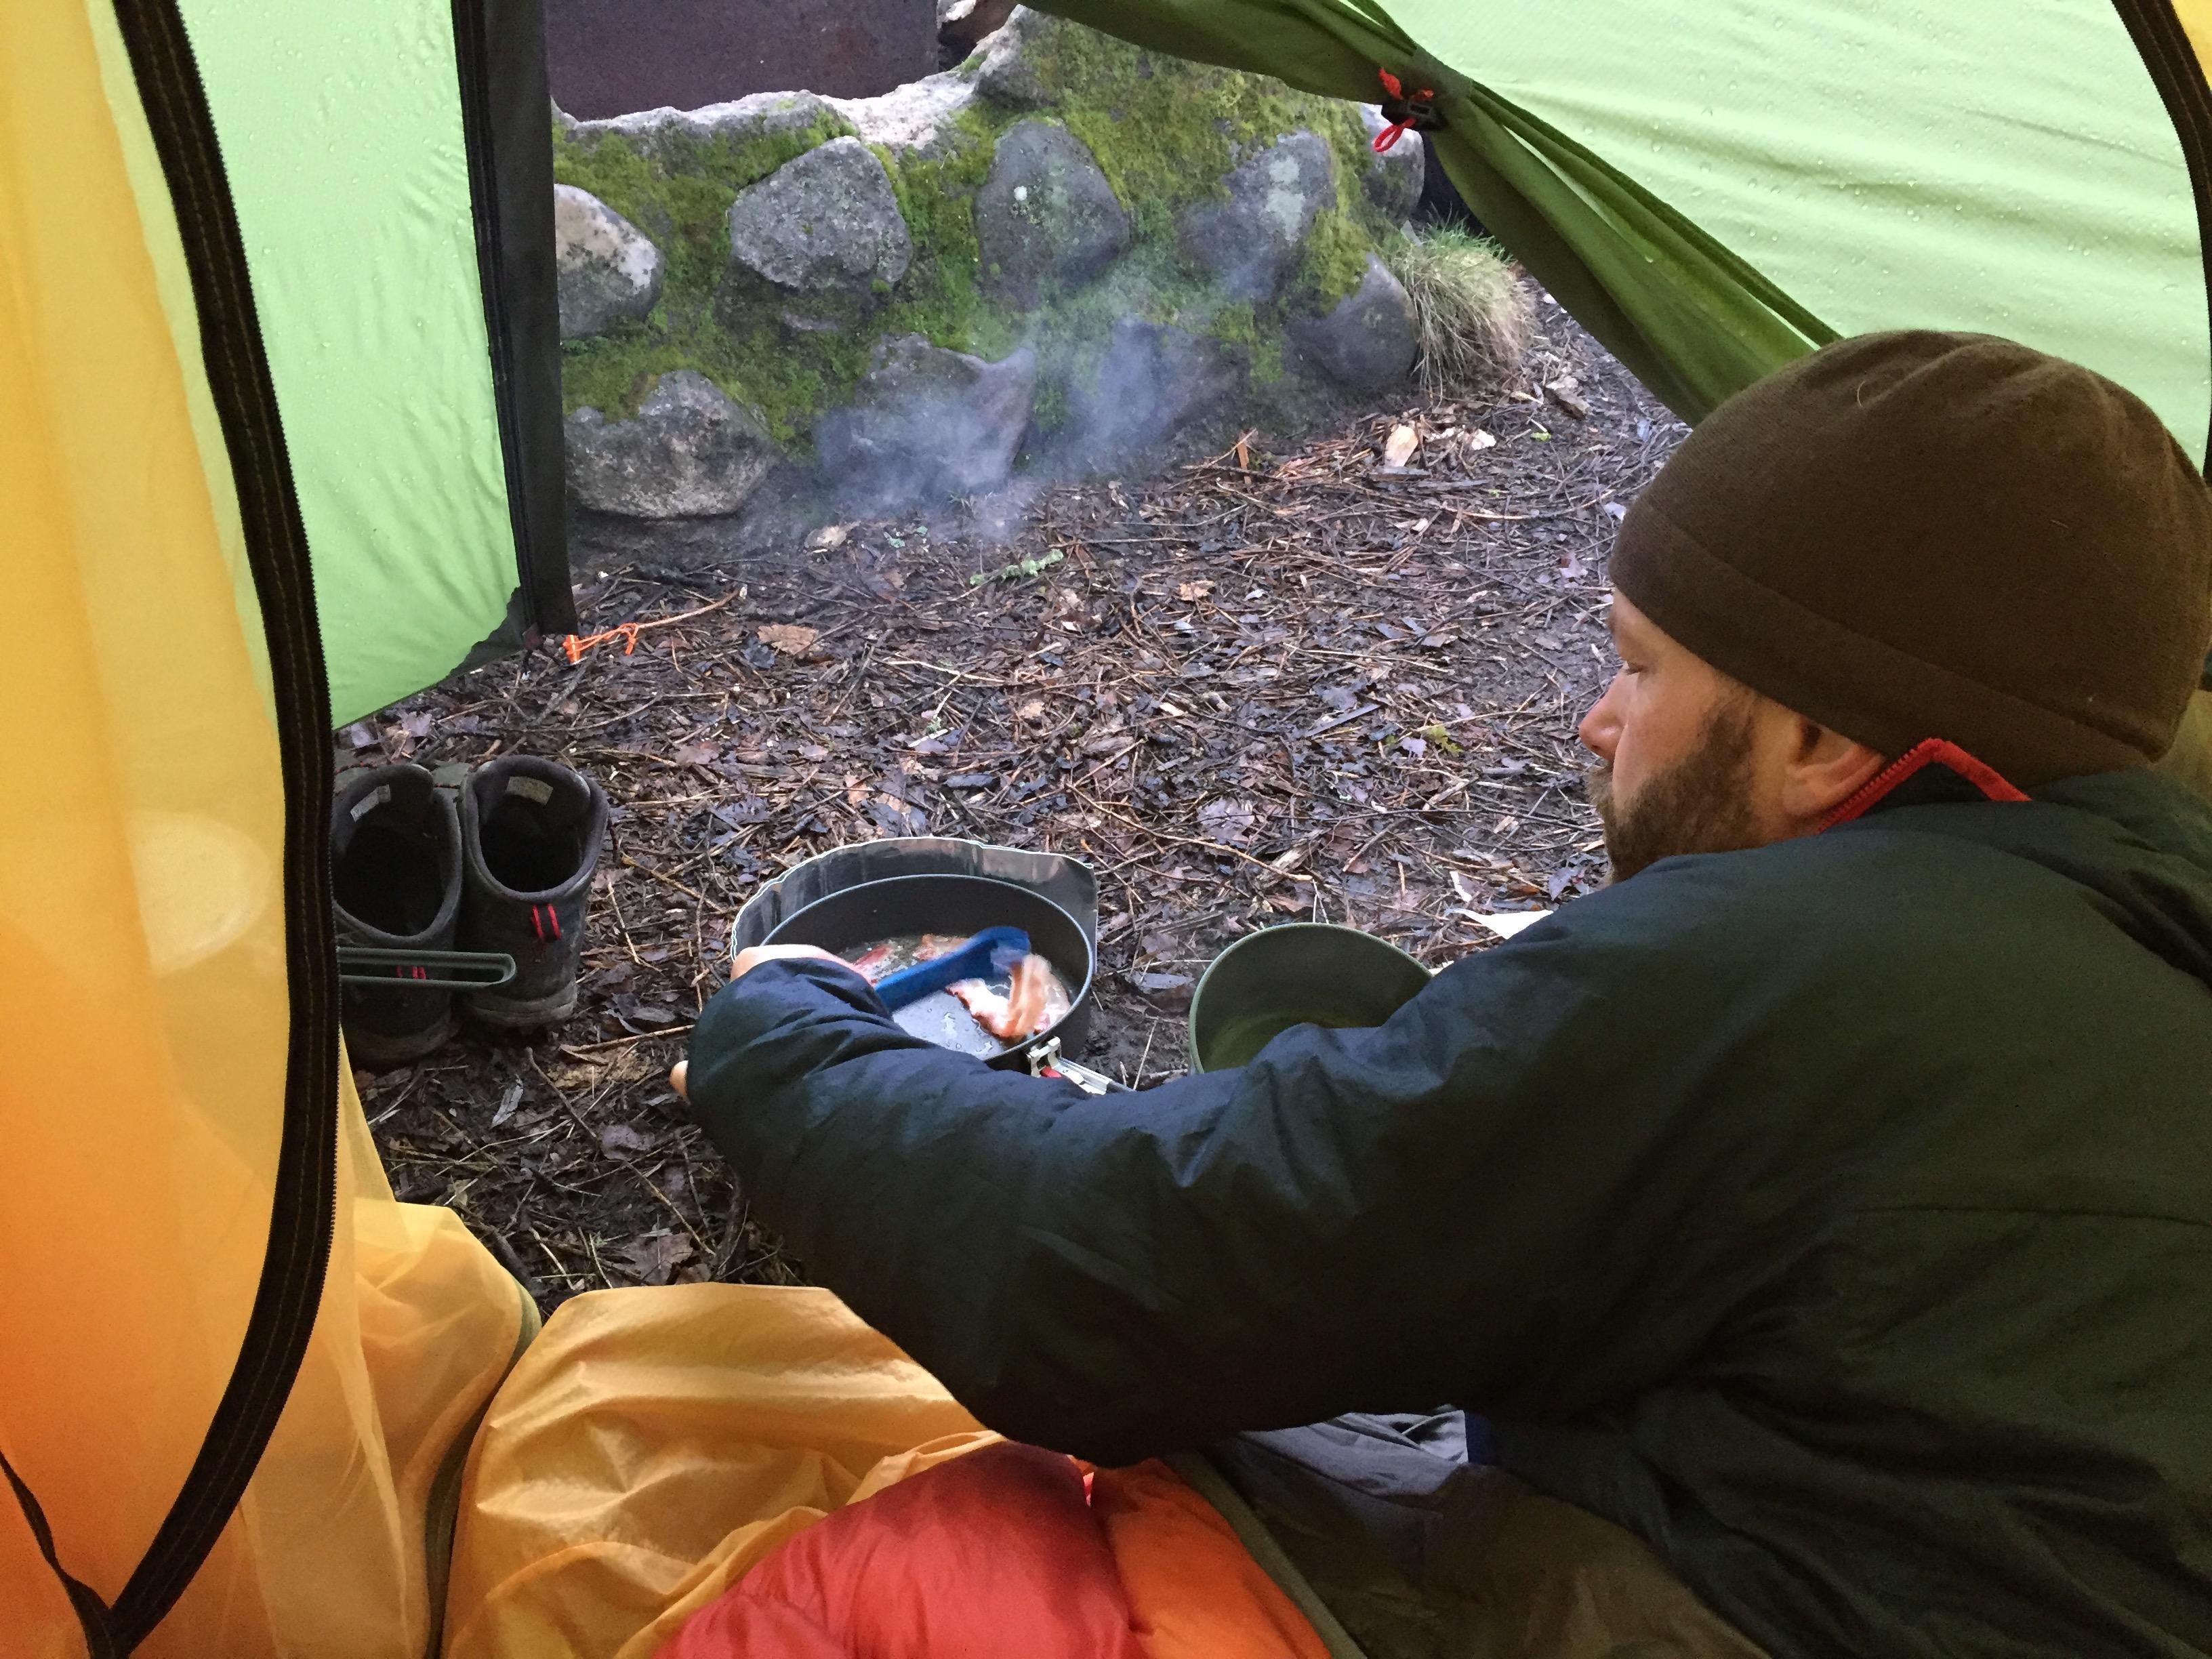 Häckeberga Runt - Knut laver morgenmad